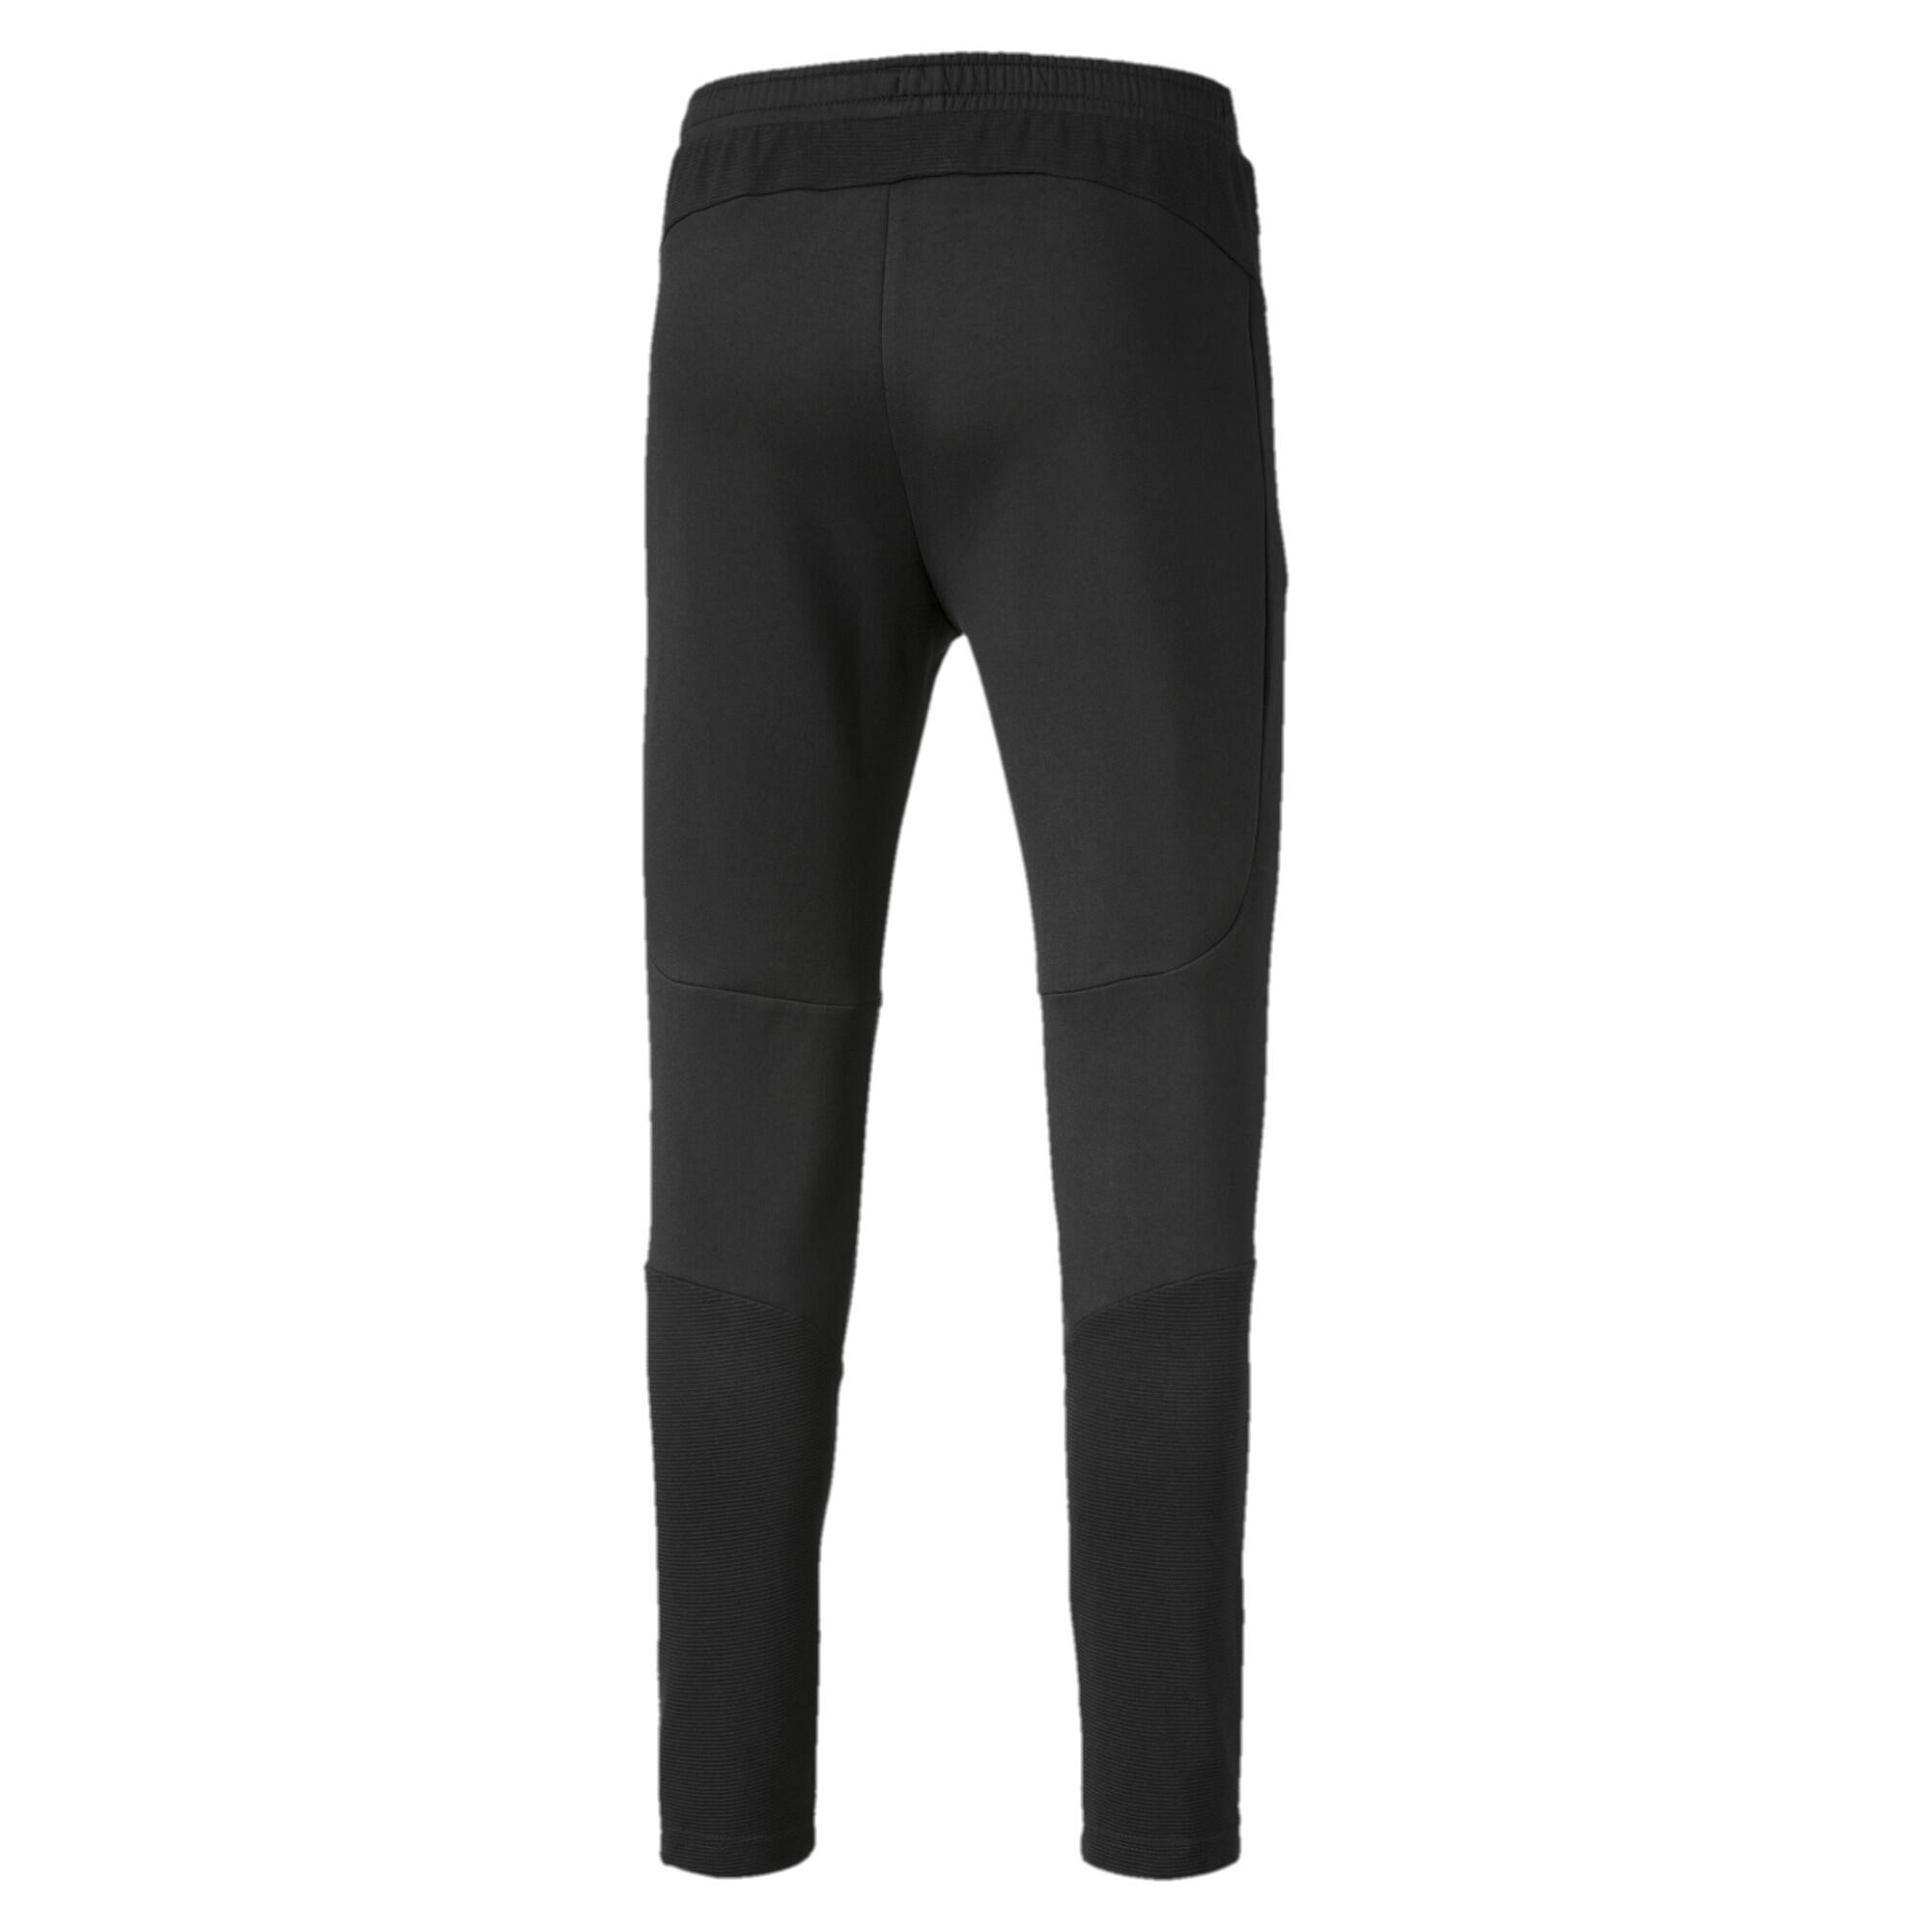 PUMA-Evostripe-Men-039-s-Pants-Men-Knitted-Pants-Basics thumbnail 8